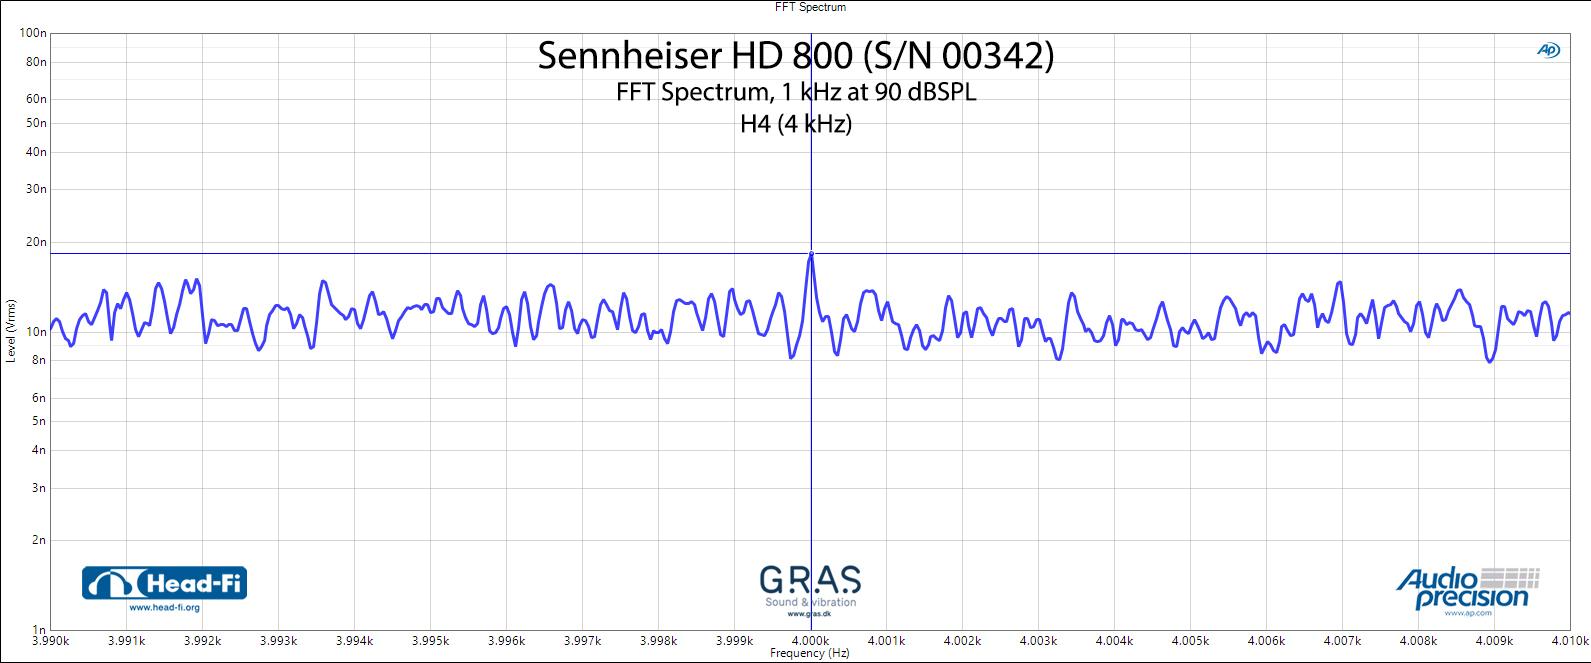 Sennheiser-HD800-1-kHz-90-dBSPL-H4.jpg